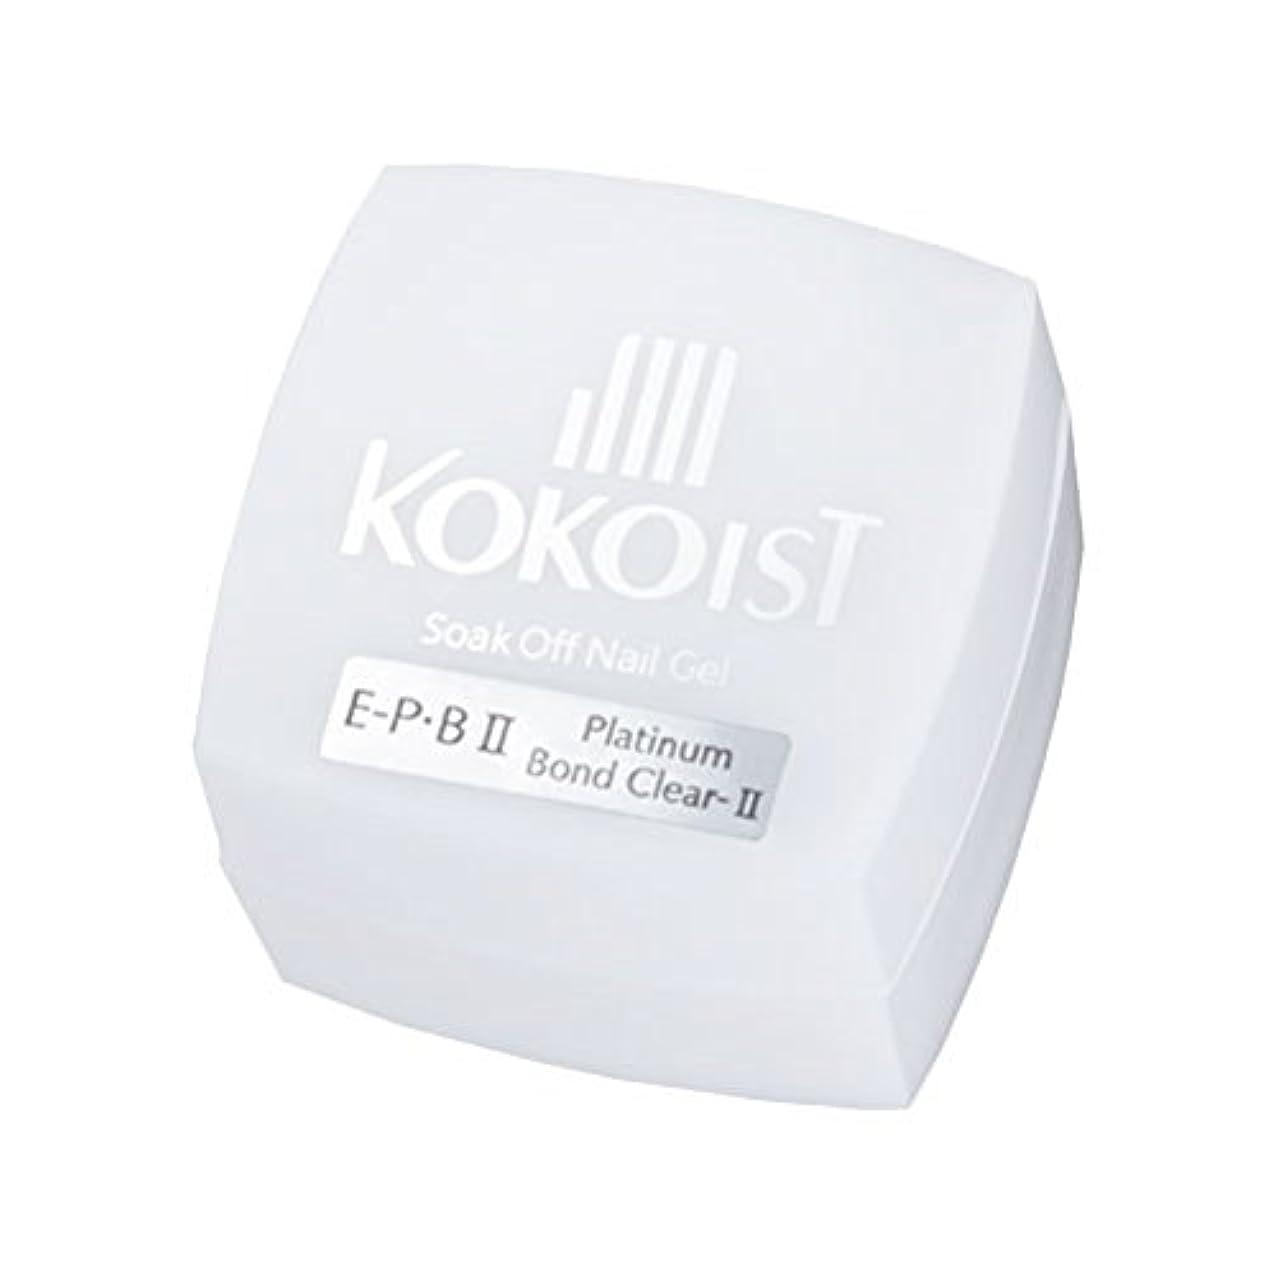 ニュージーランドタイプライター排出KOKOIST フ゜ラチナホ゛ント゛II 4g ジェル UV/LED対応